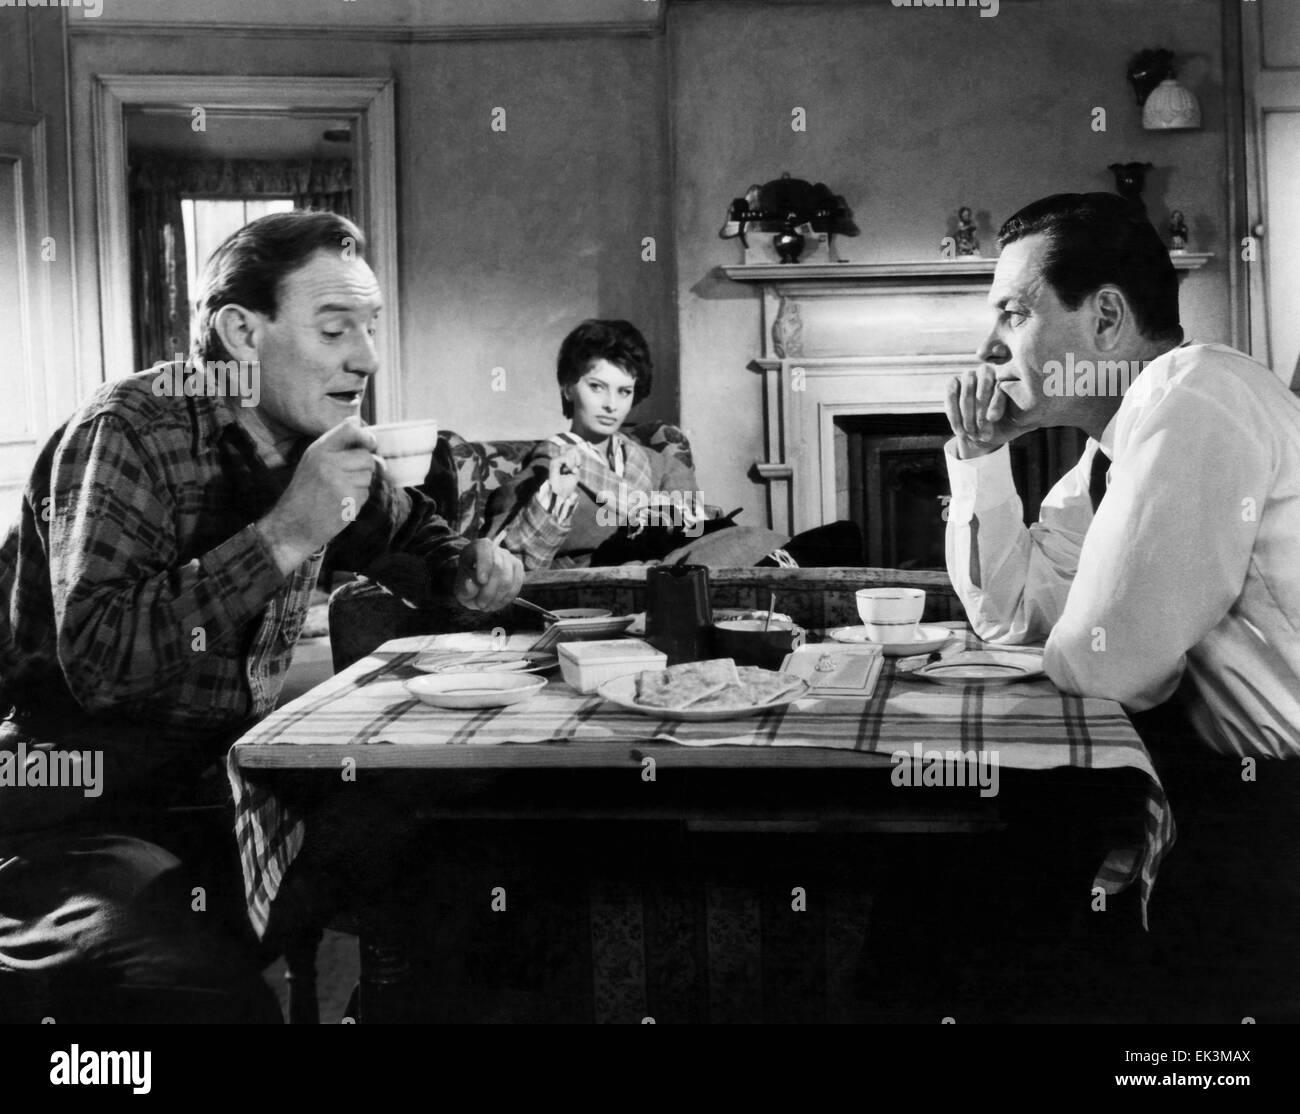 Trevor Howard, Sophia Loren, William Holden, on-set of the Film 'The Key', 1958 - Stock Image